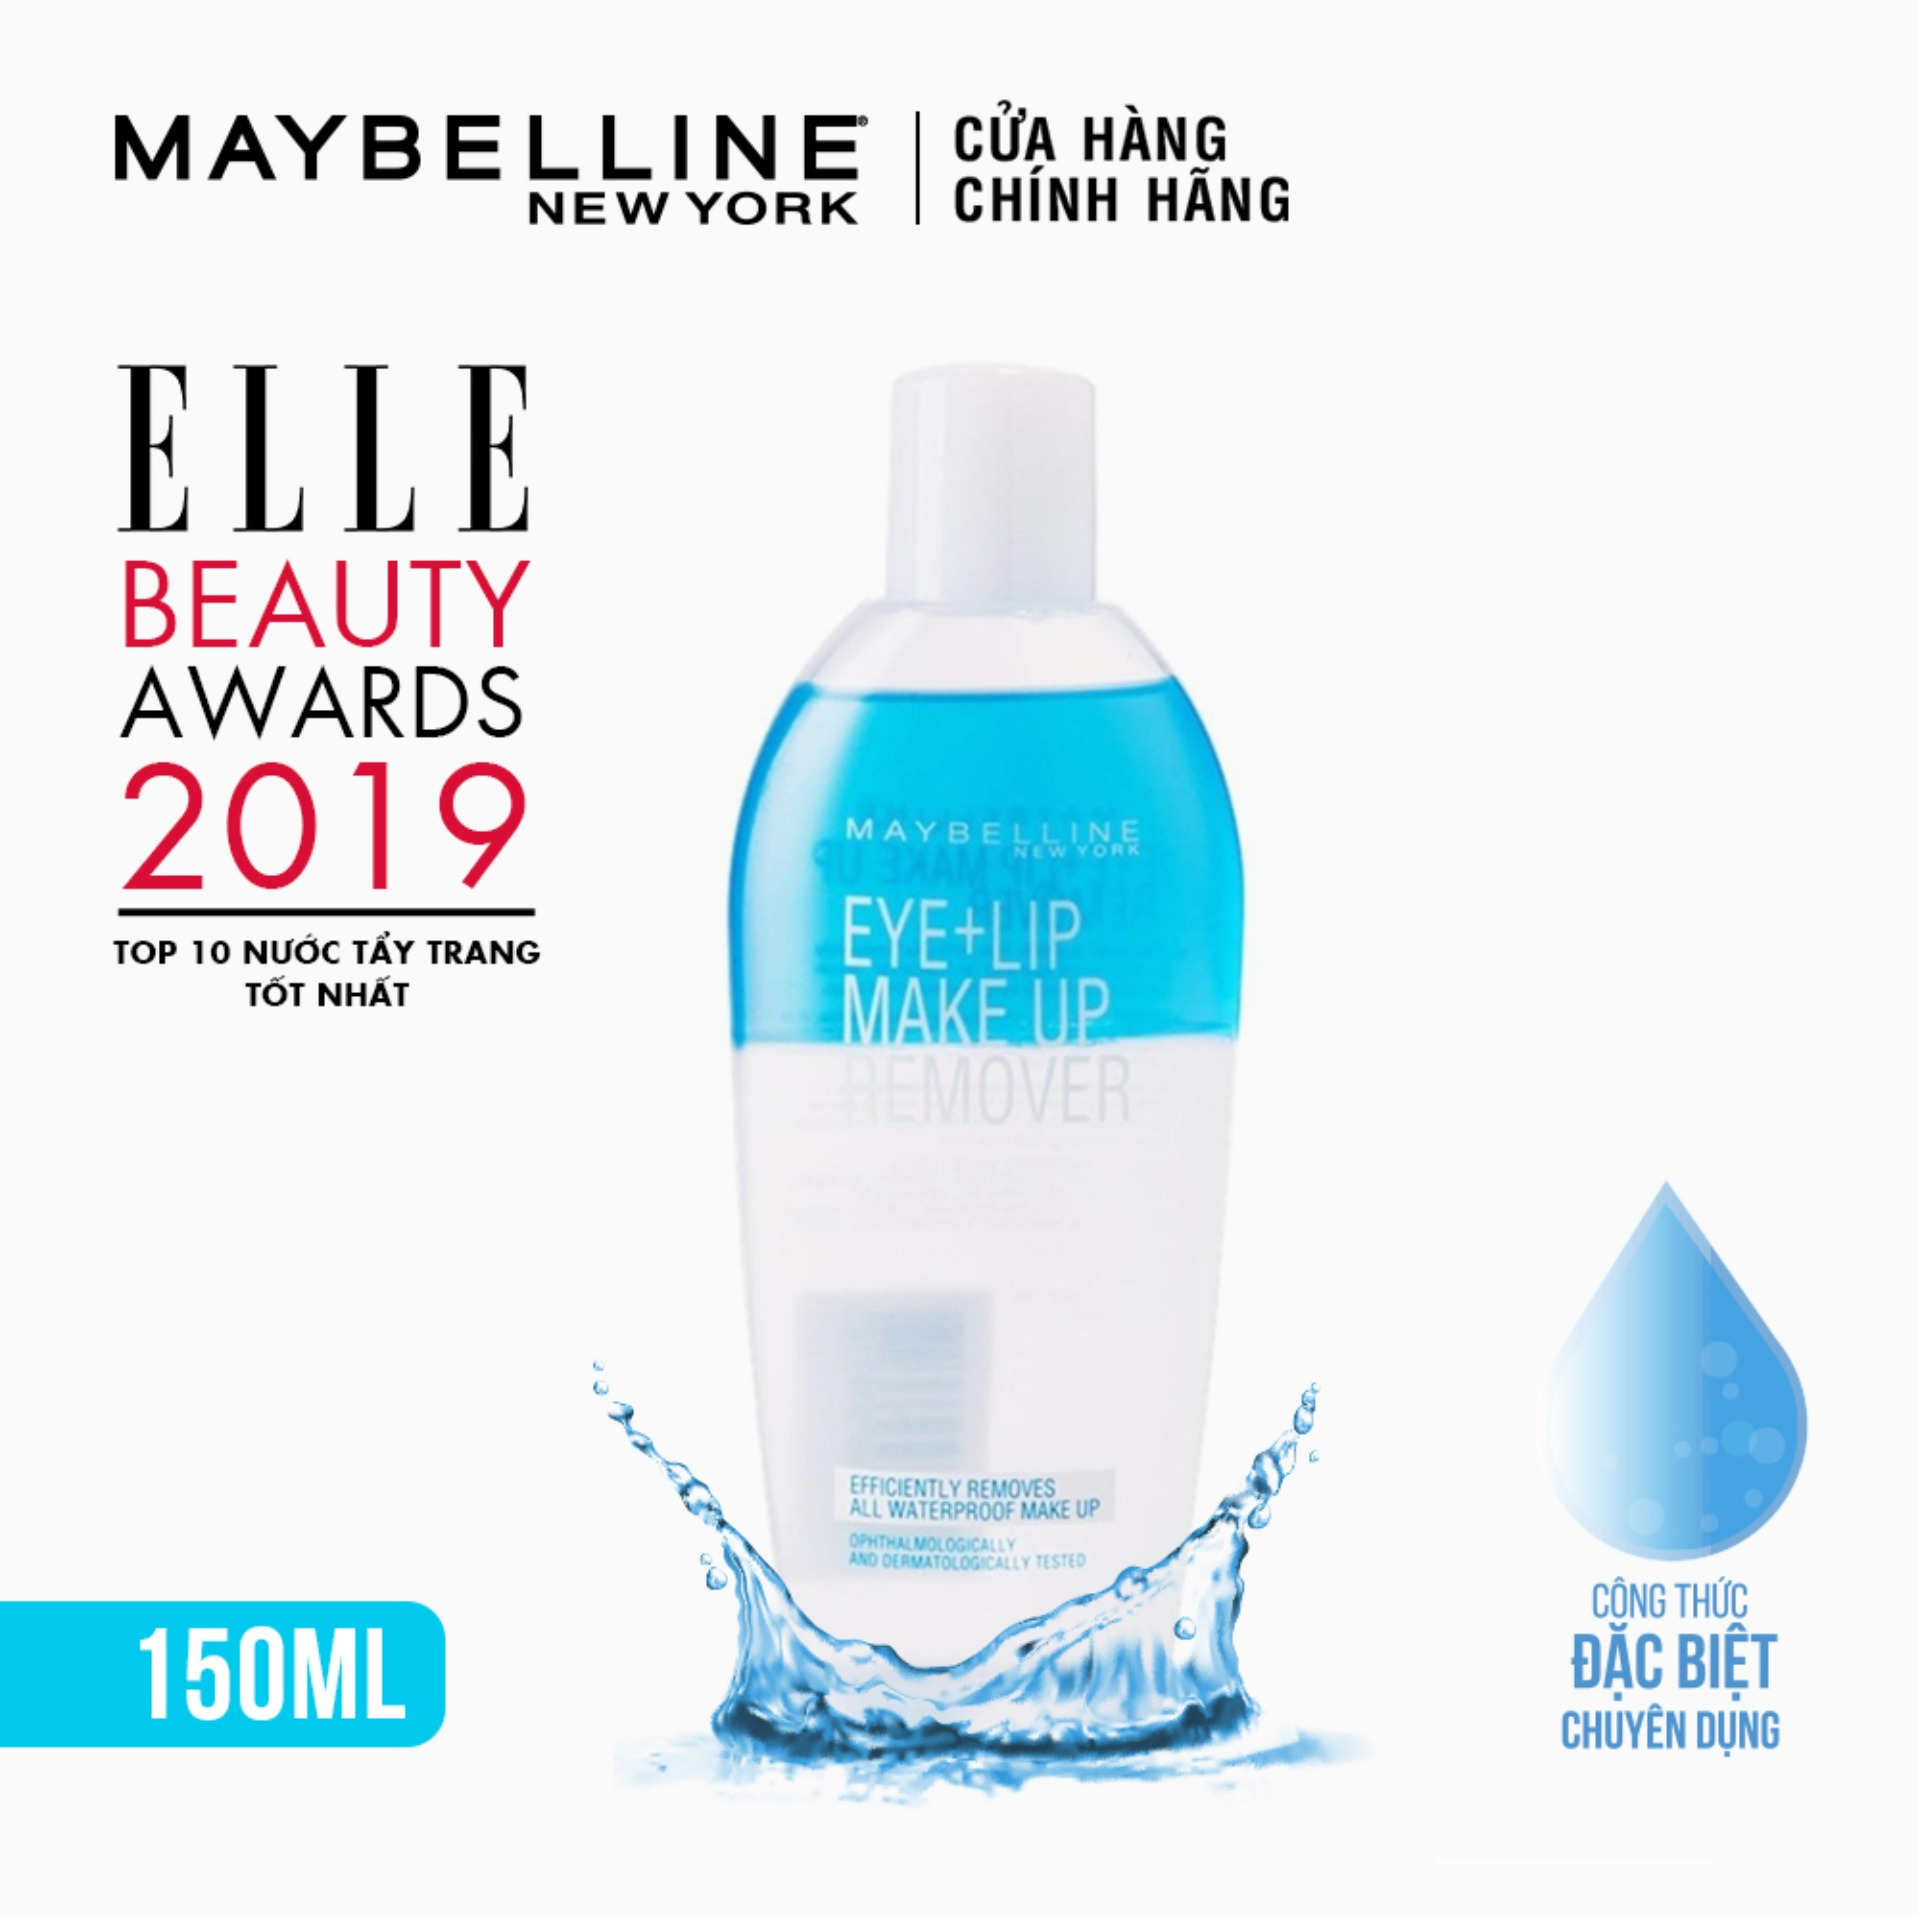 Nước Tẩy Trang Mắt và Môi Chuyên Dụng 2 lớp Maybelline New York Eye &ampamp Lip Makeup Remover 150ml